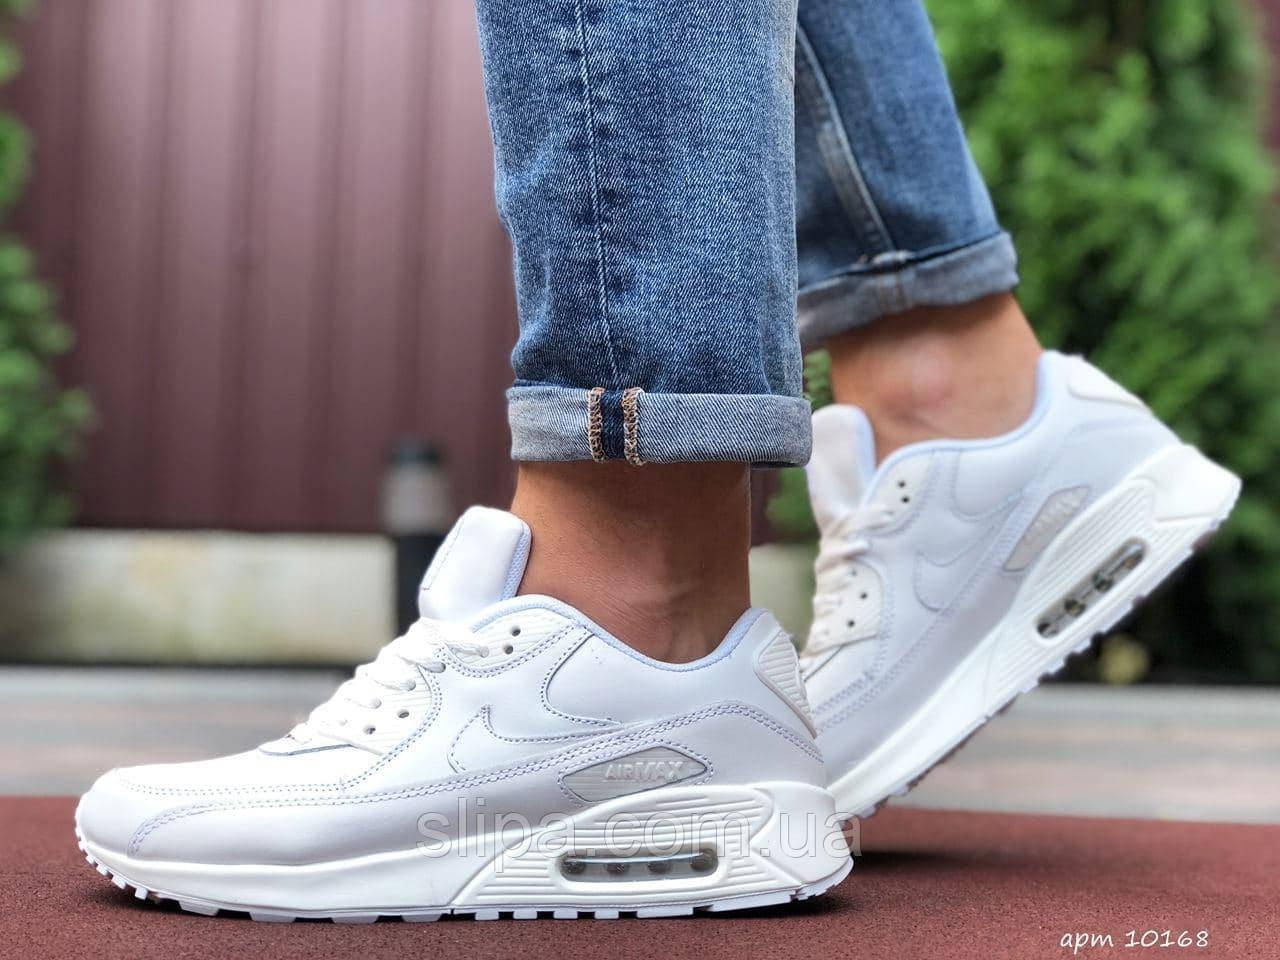 Мужские кожаные кроссовки в стиле Nike Air Max 90 белые